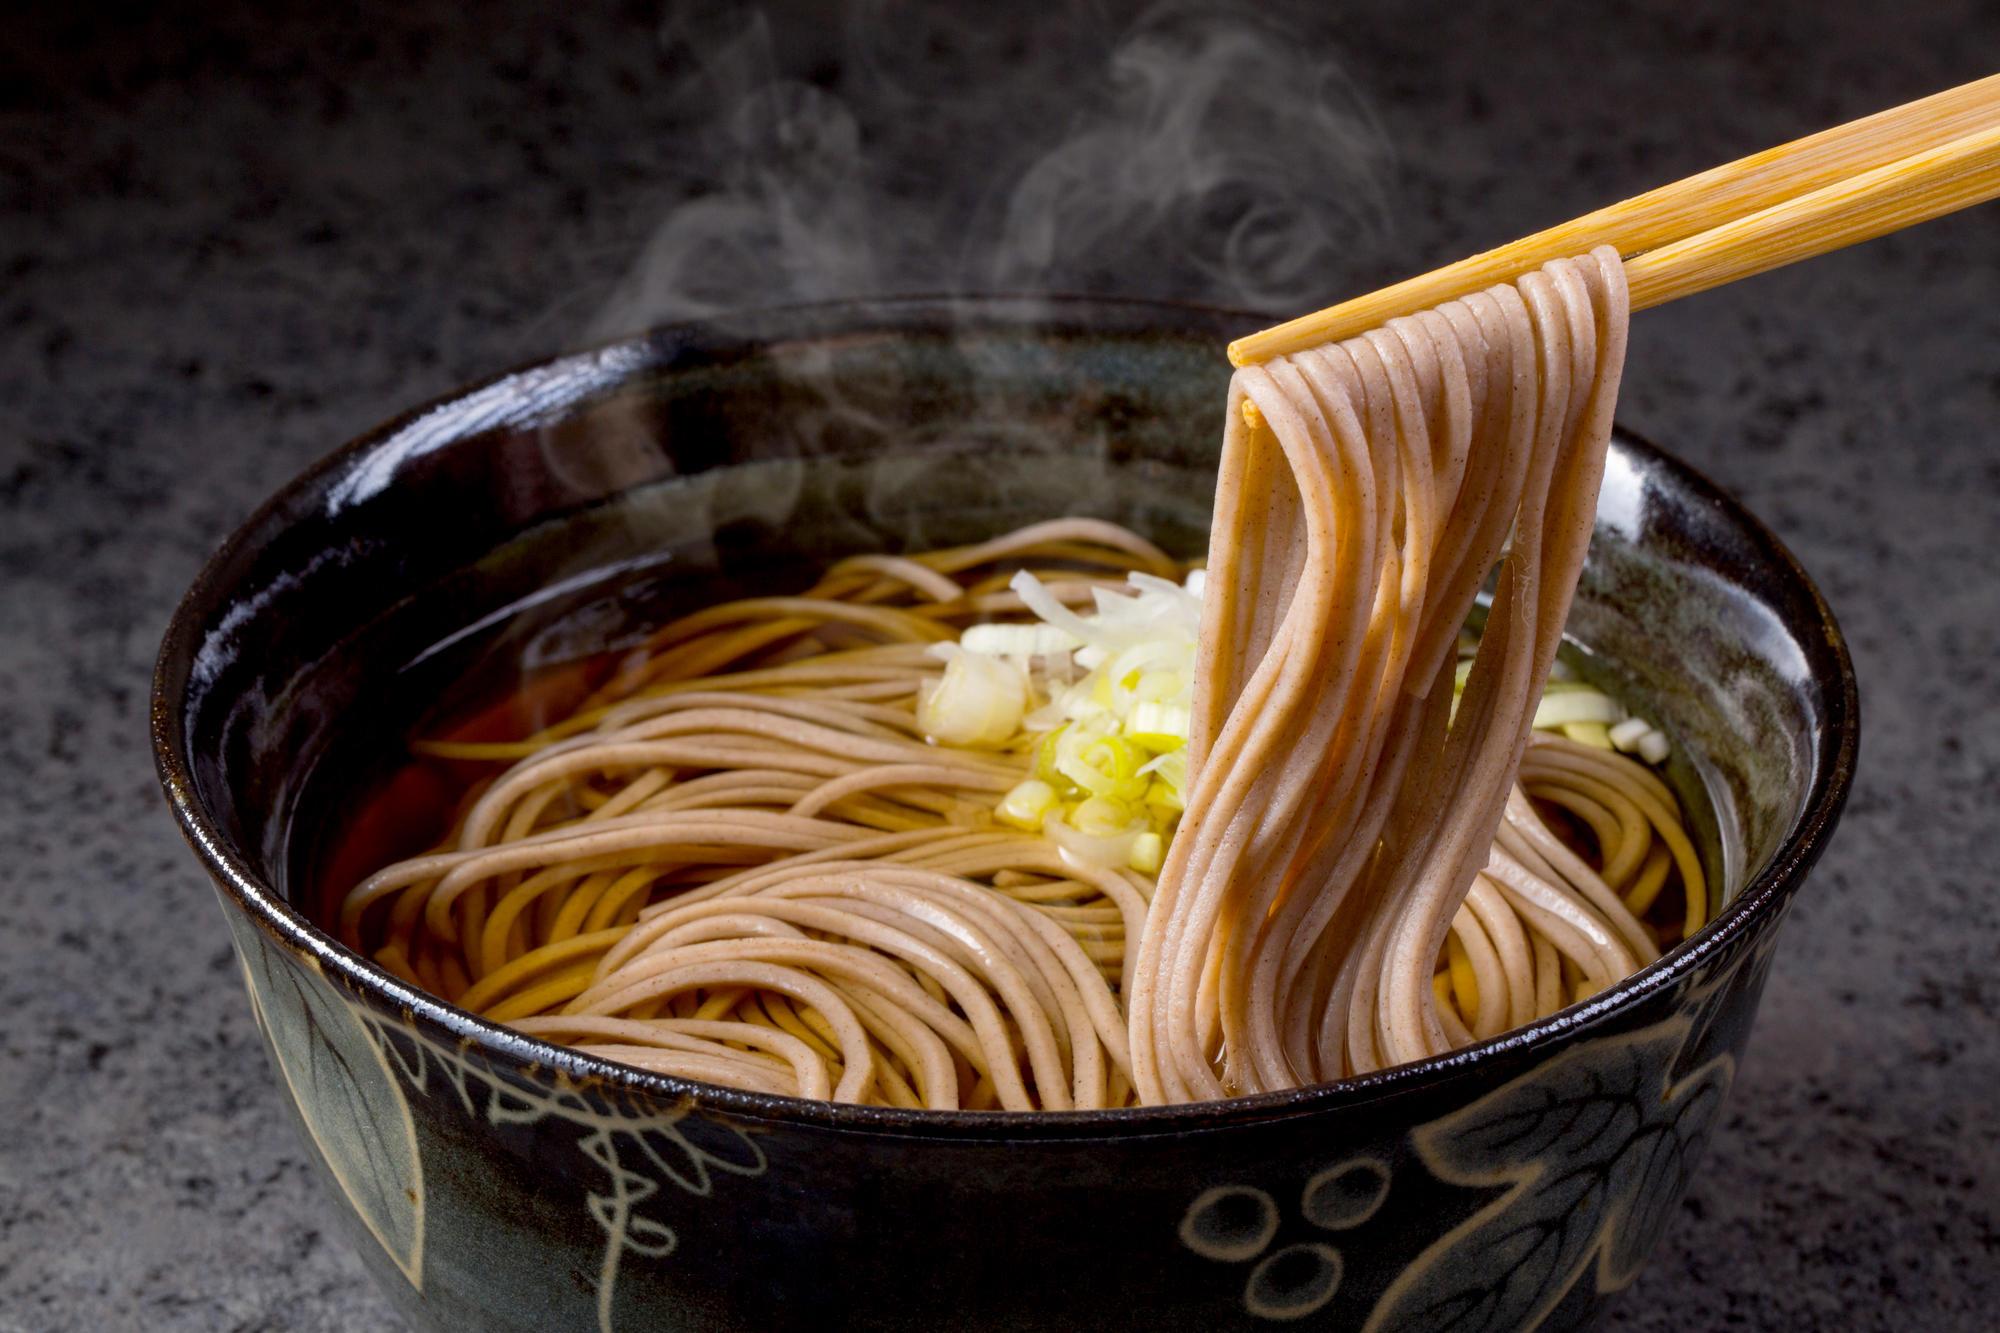 【おいしい時間】おいしい<そば>が食べたい!十割に更科、信州そばに暗黒そば?!その違いとは?